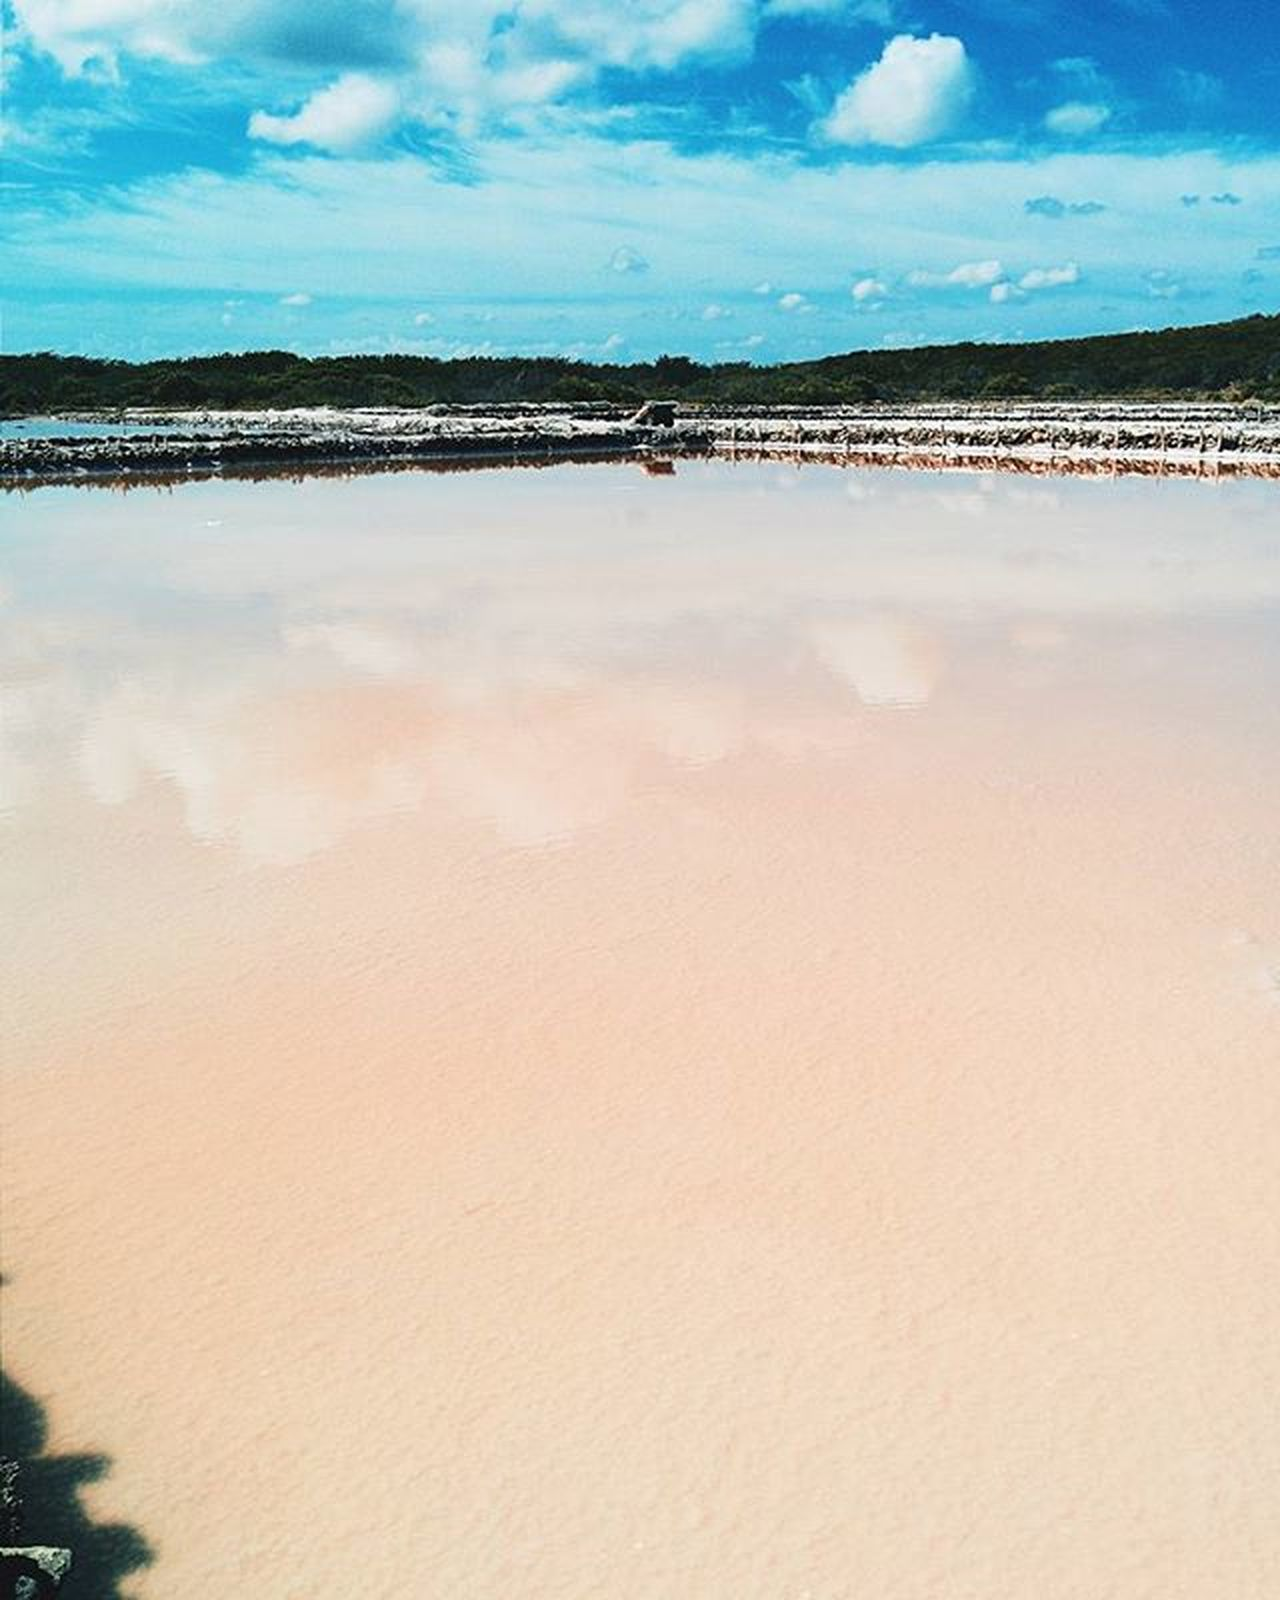 Reflejos salados 3. Montecristi IslaCabra Minasdesal Water Waterporn Reflection Colors Cloudporn Sky